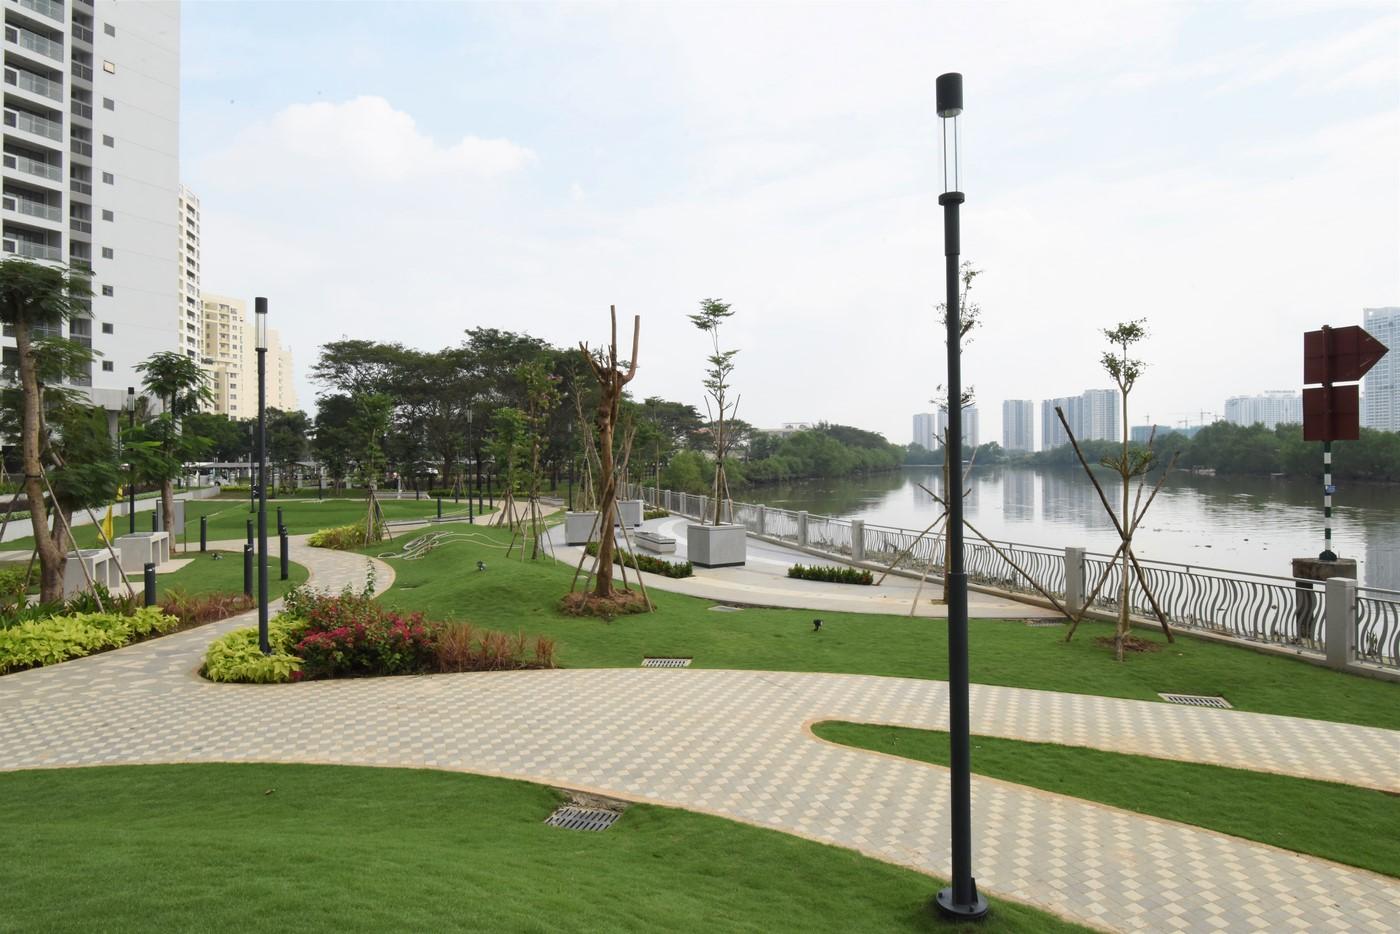 DSC 8266 Copy - Nhận nhà mới - đón năm mới cùng cư dân Riverpark Premier